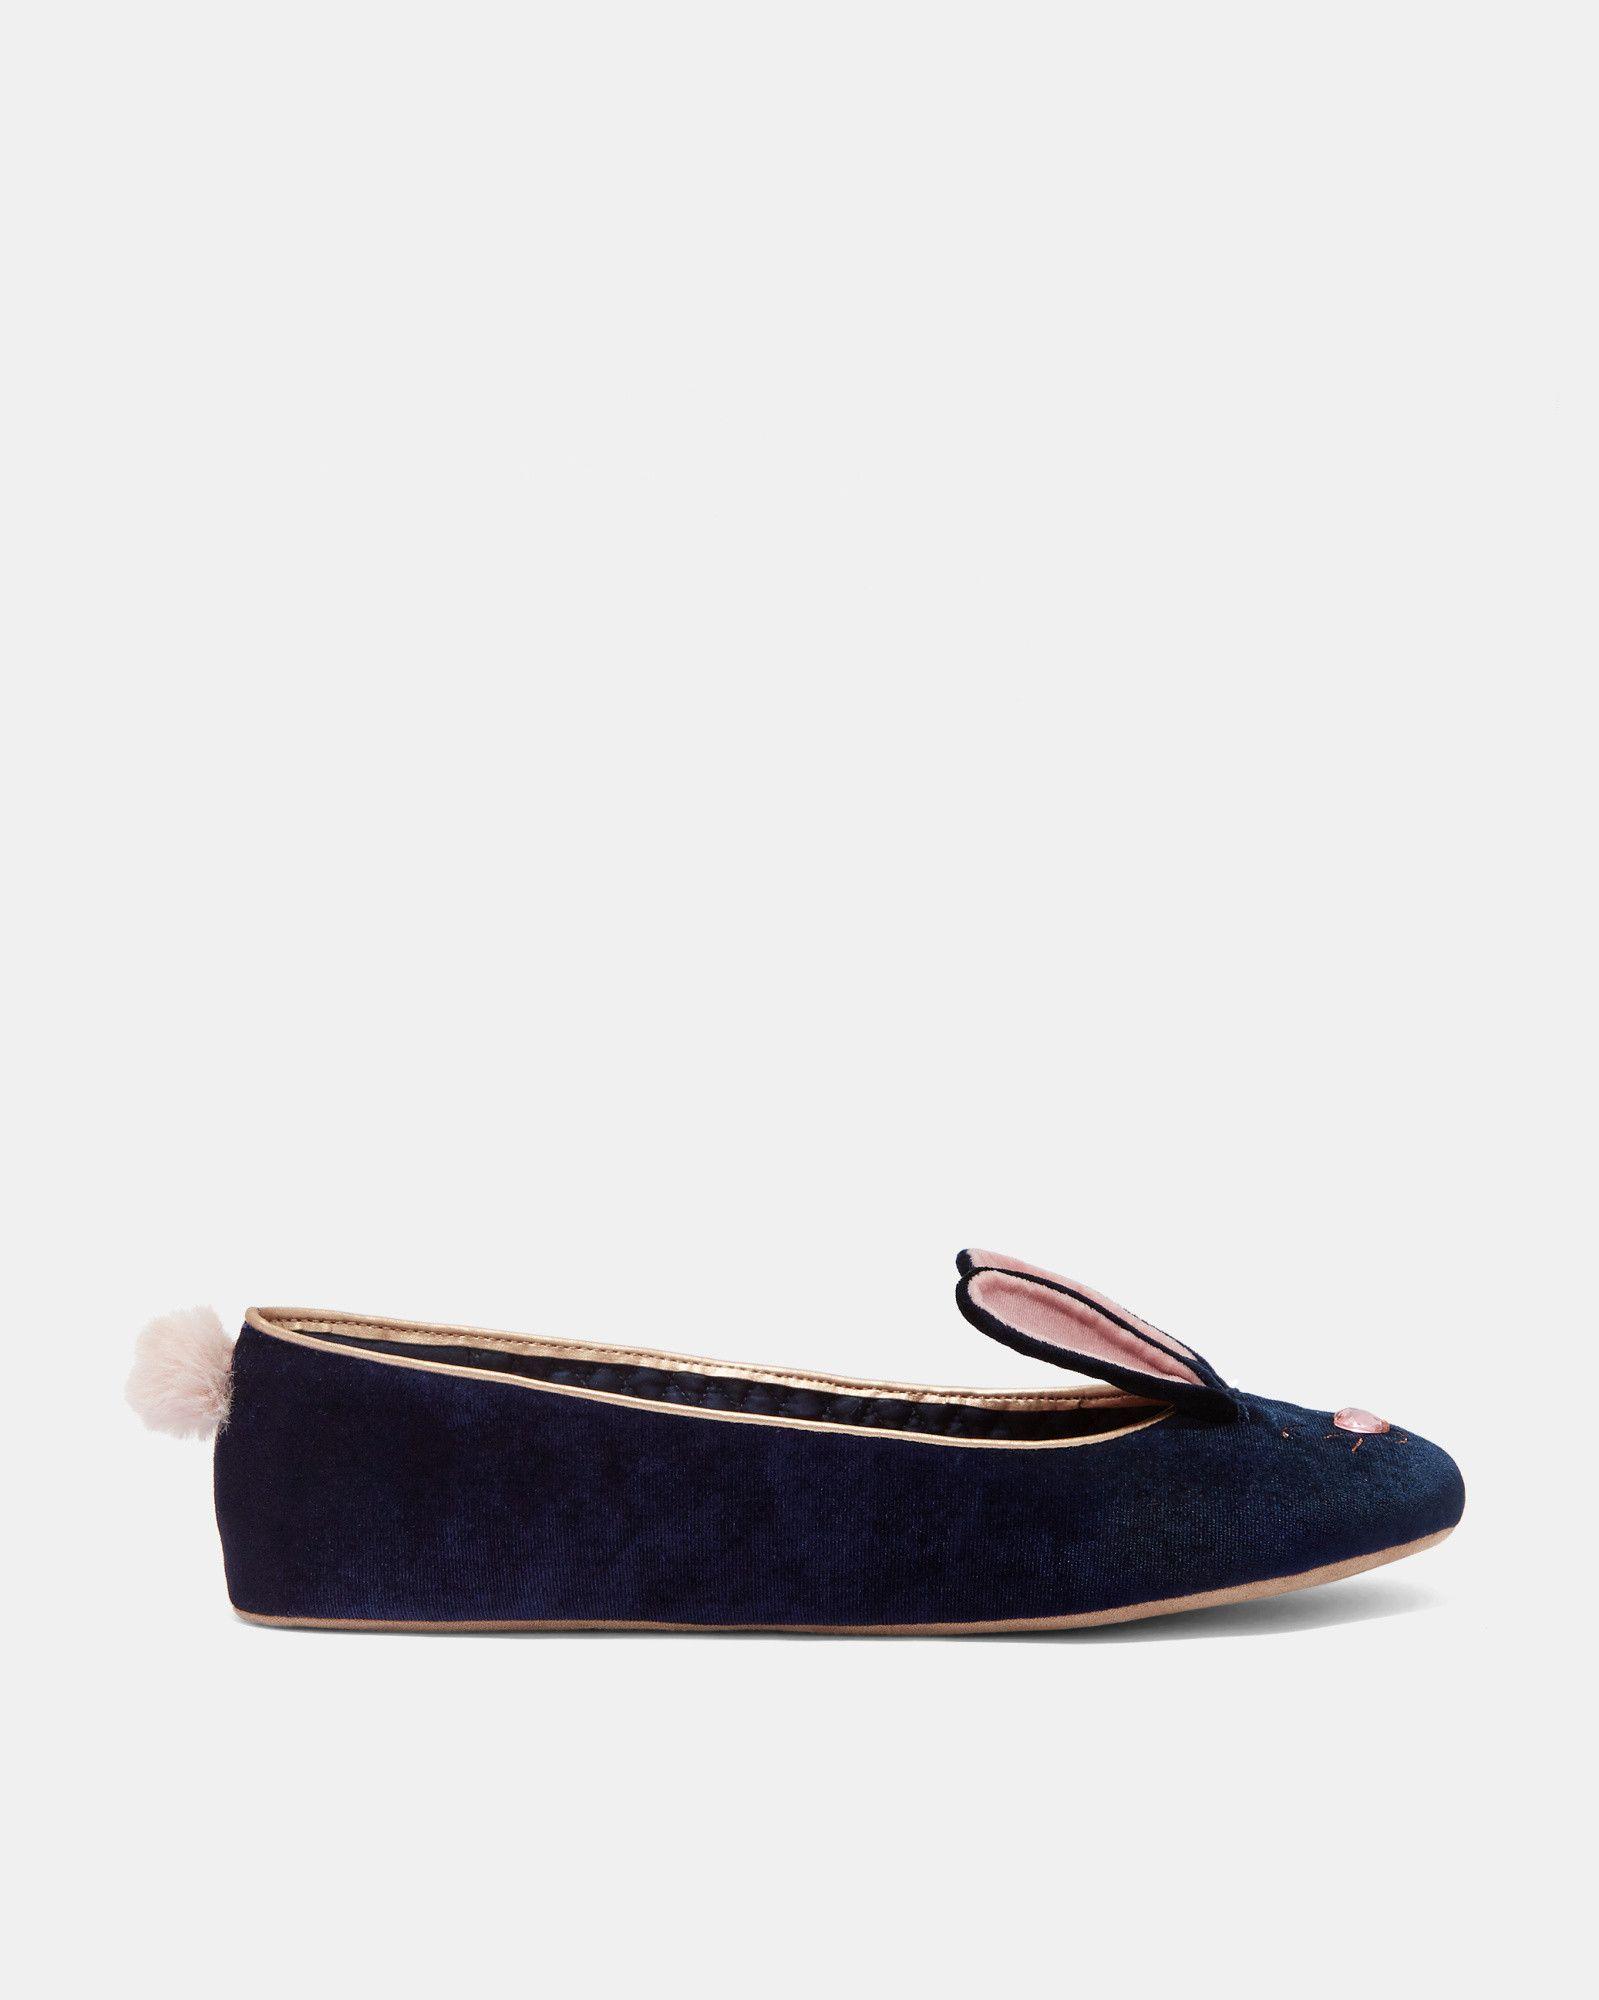 a9c59c4cb4d08a BHUNNI Velvet bunny ballerina slippers  TedToToe